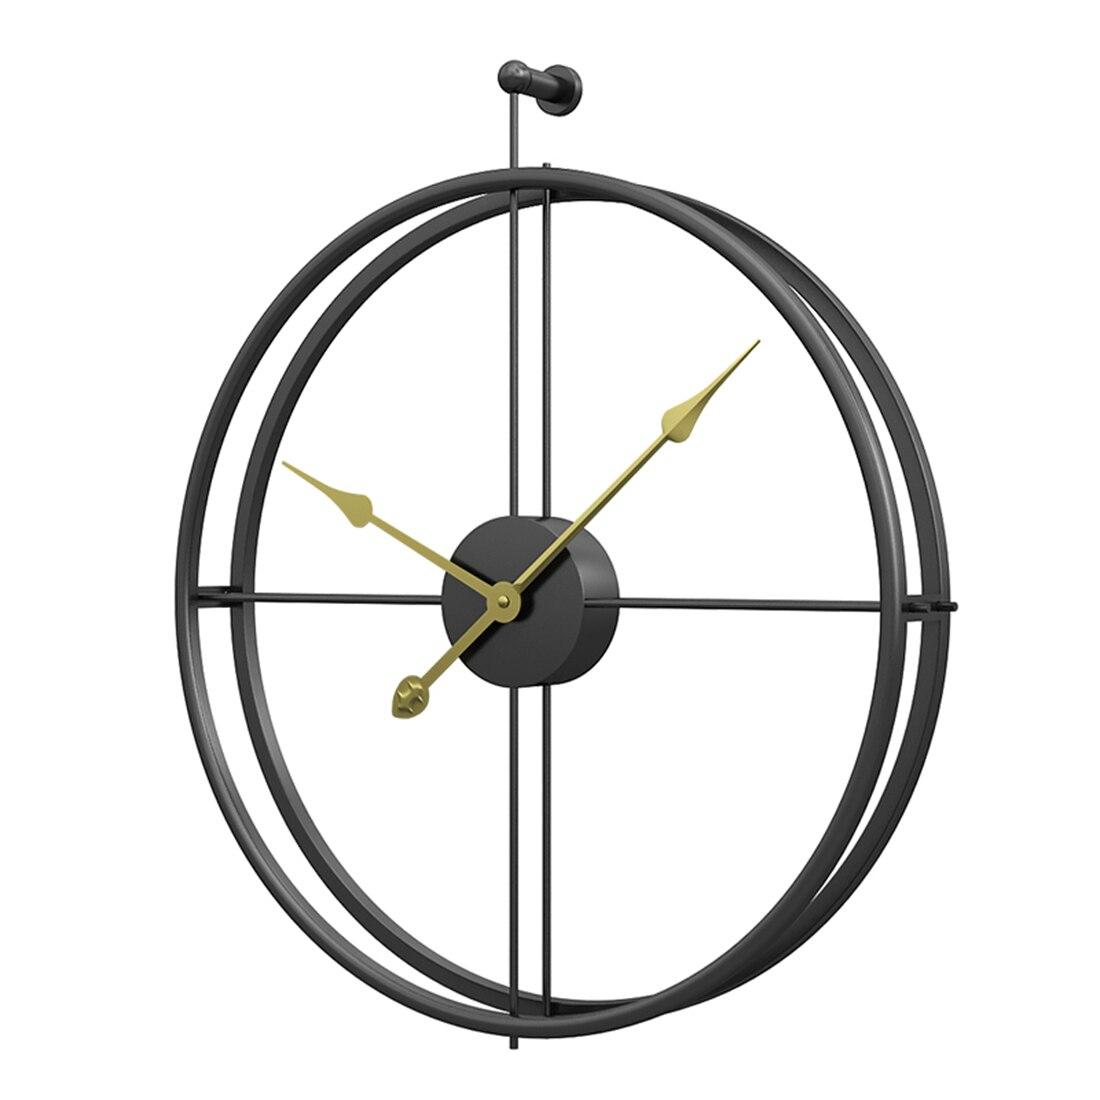 55 Cm Grossen Stumm Wanduhr Moderne Design Uhren Hause Wohnzimmer